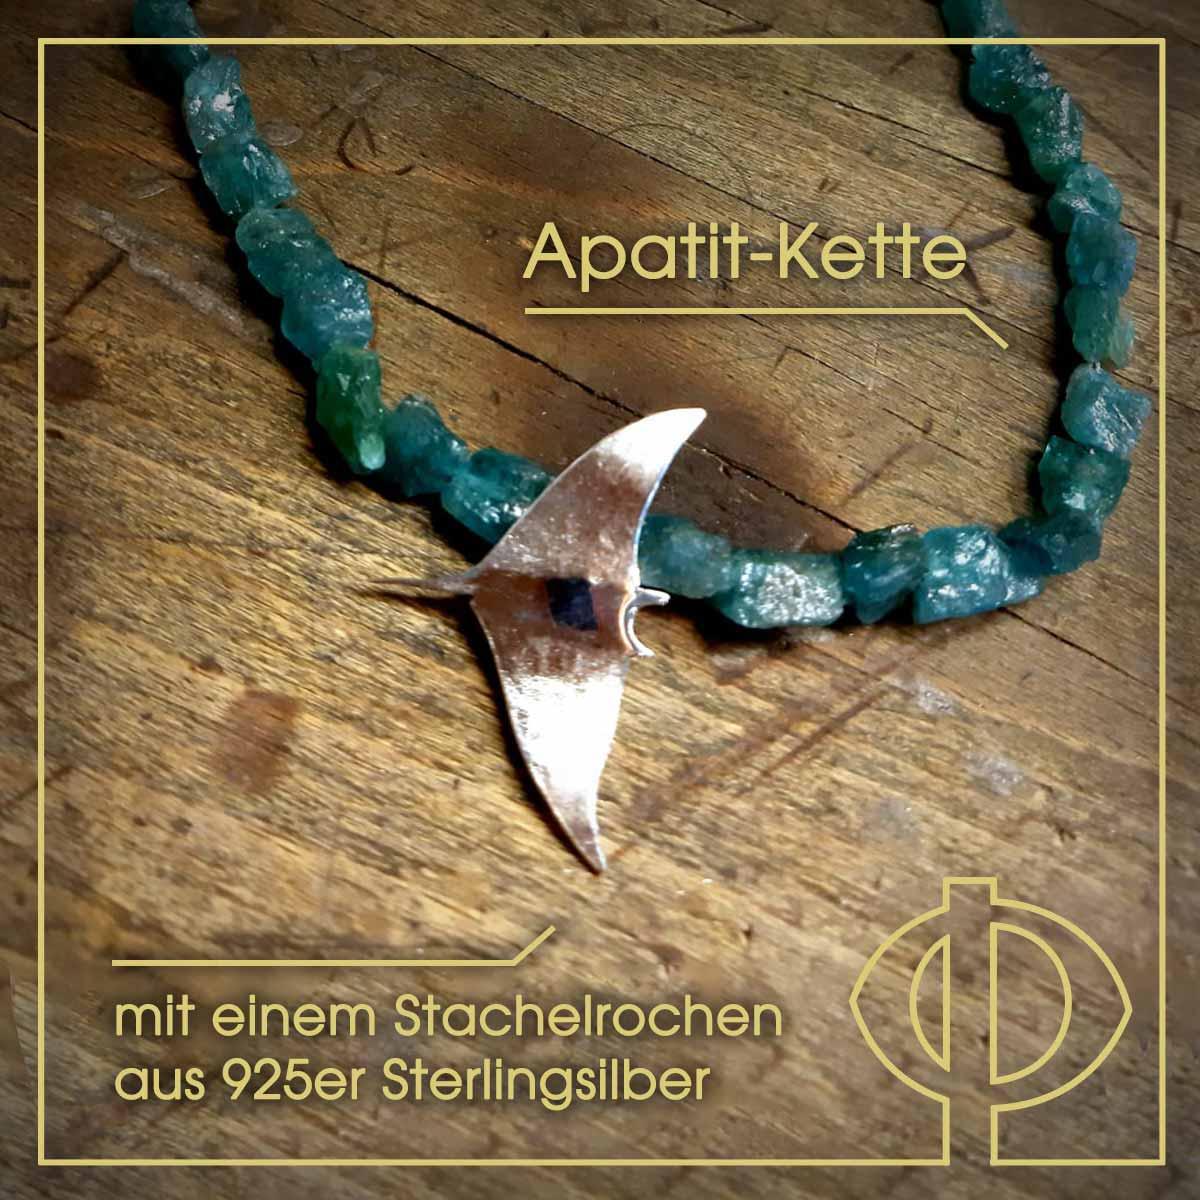 Apatit-Kette mit einem Stachelrochen aus 925er Sterlingsilber